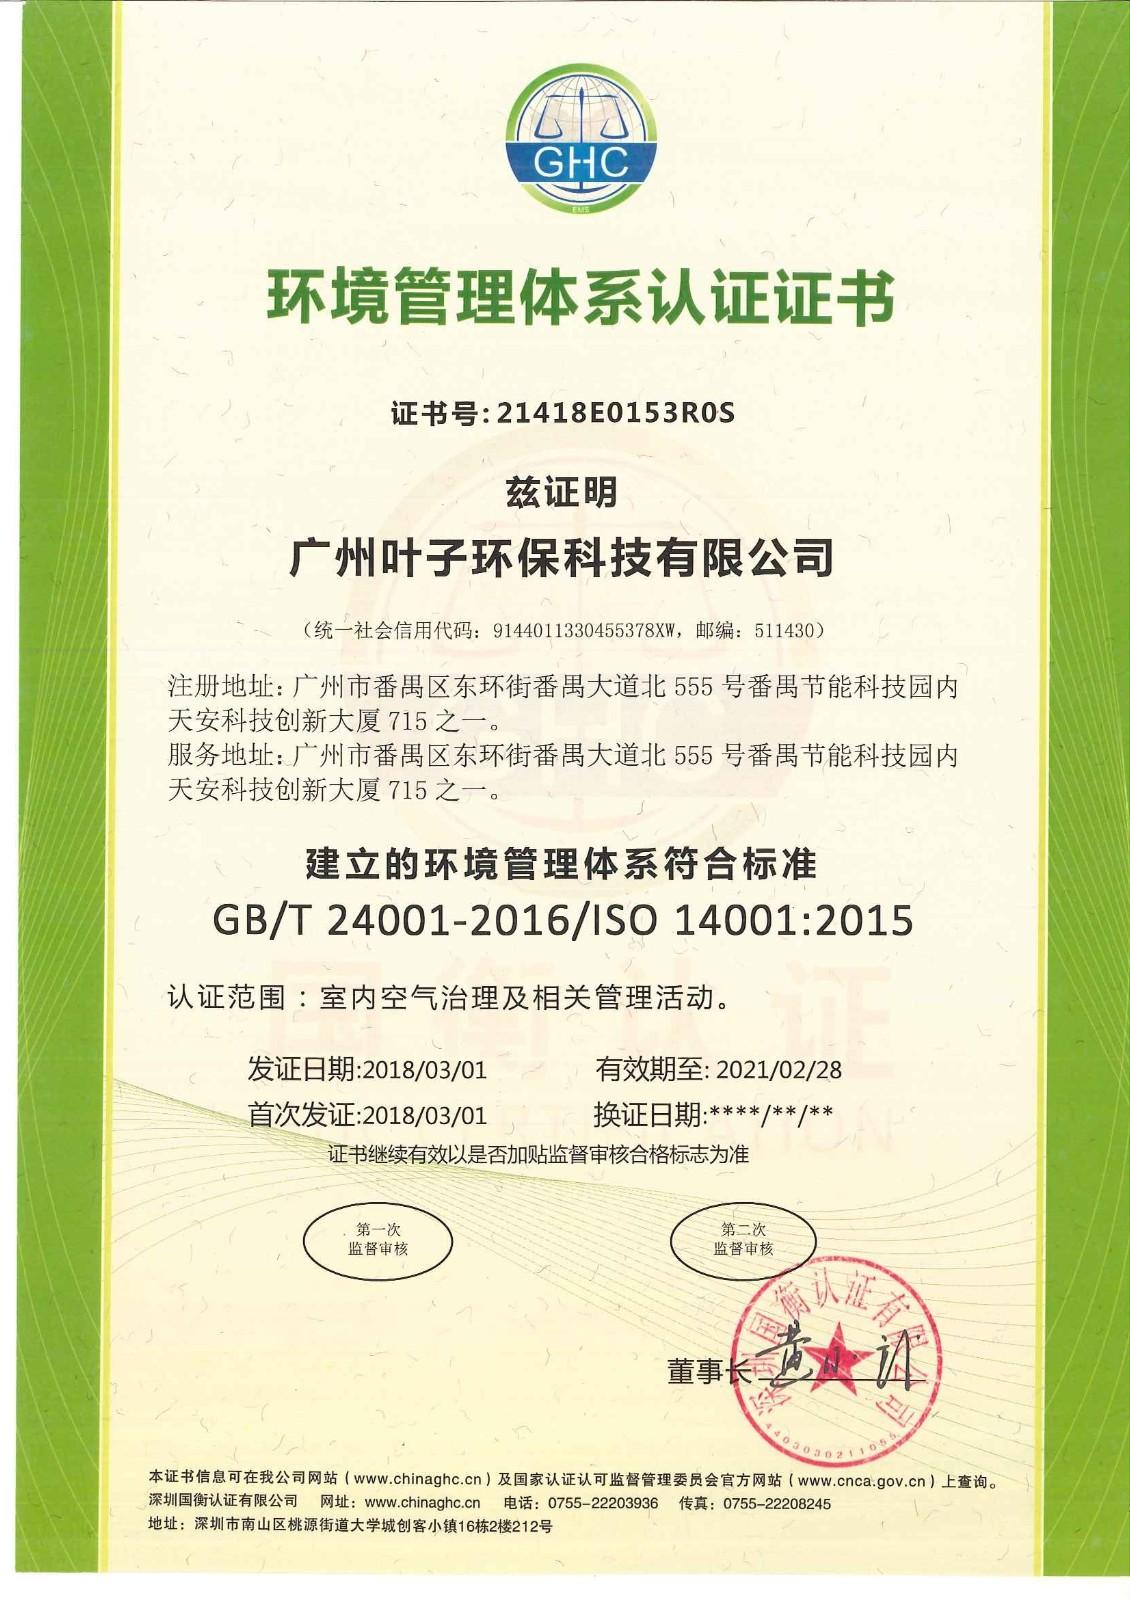 环境管理体系认证证书|公司资质-武汉小小叶子环保科技有限公司